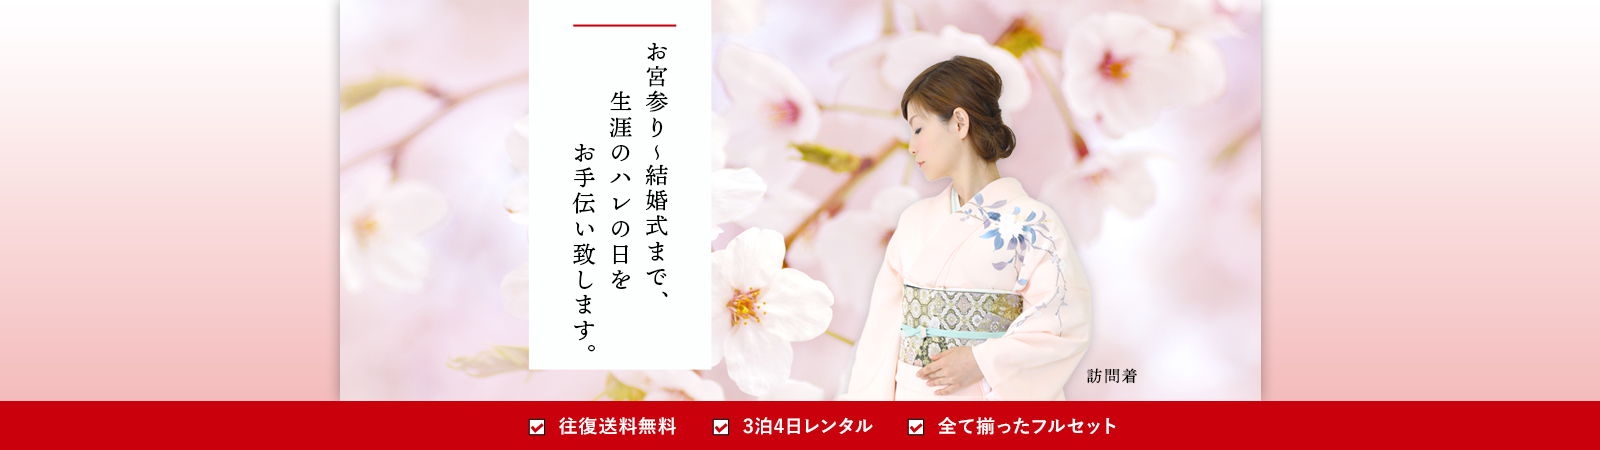 お宮参り〜結婚式まで、生涯のハレの日をお手伝い致します。|訪問着